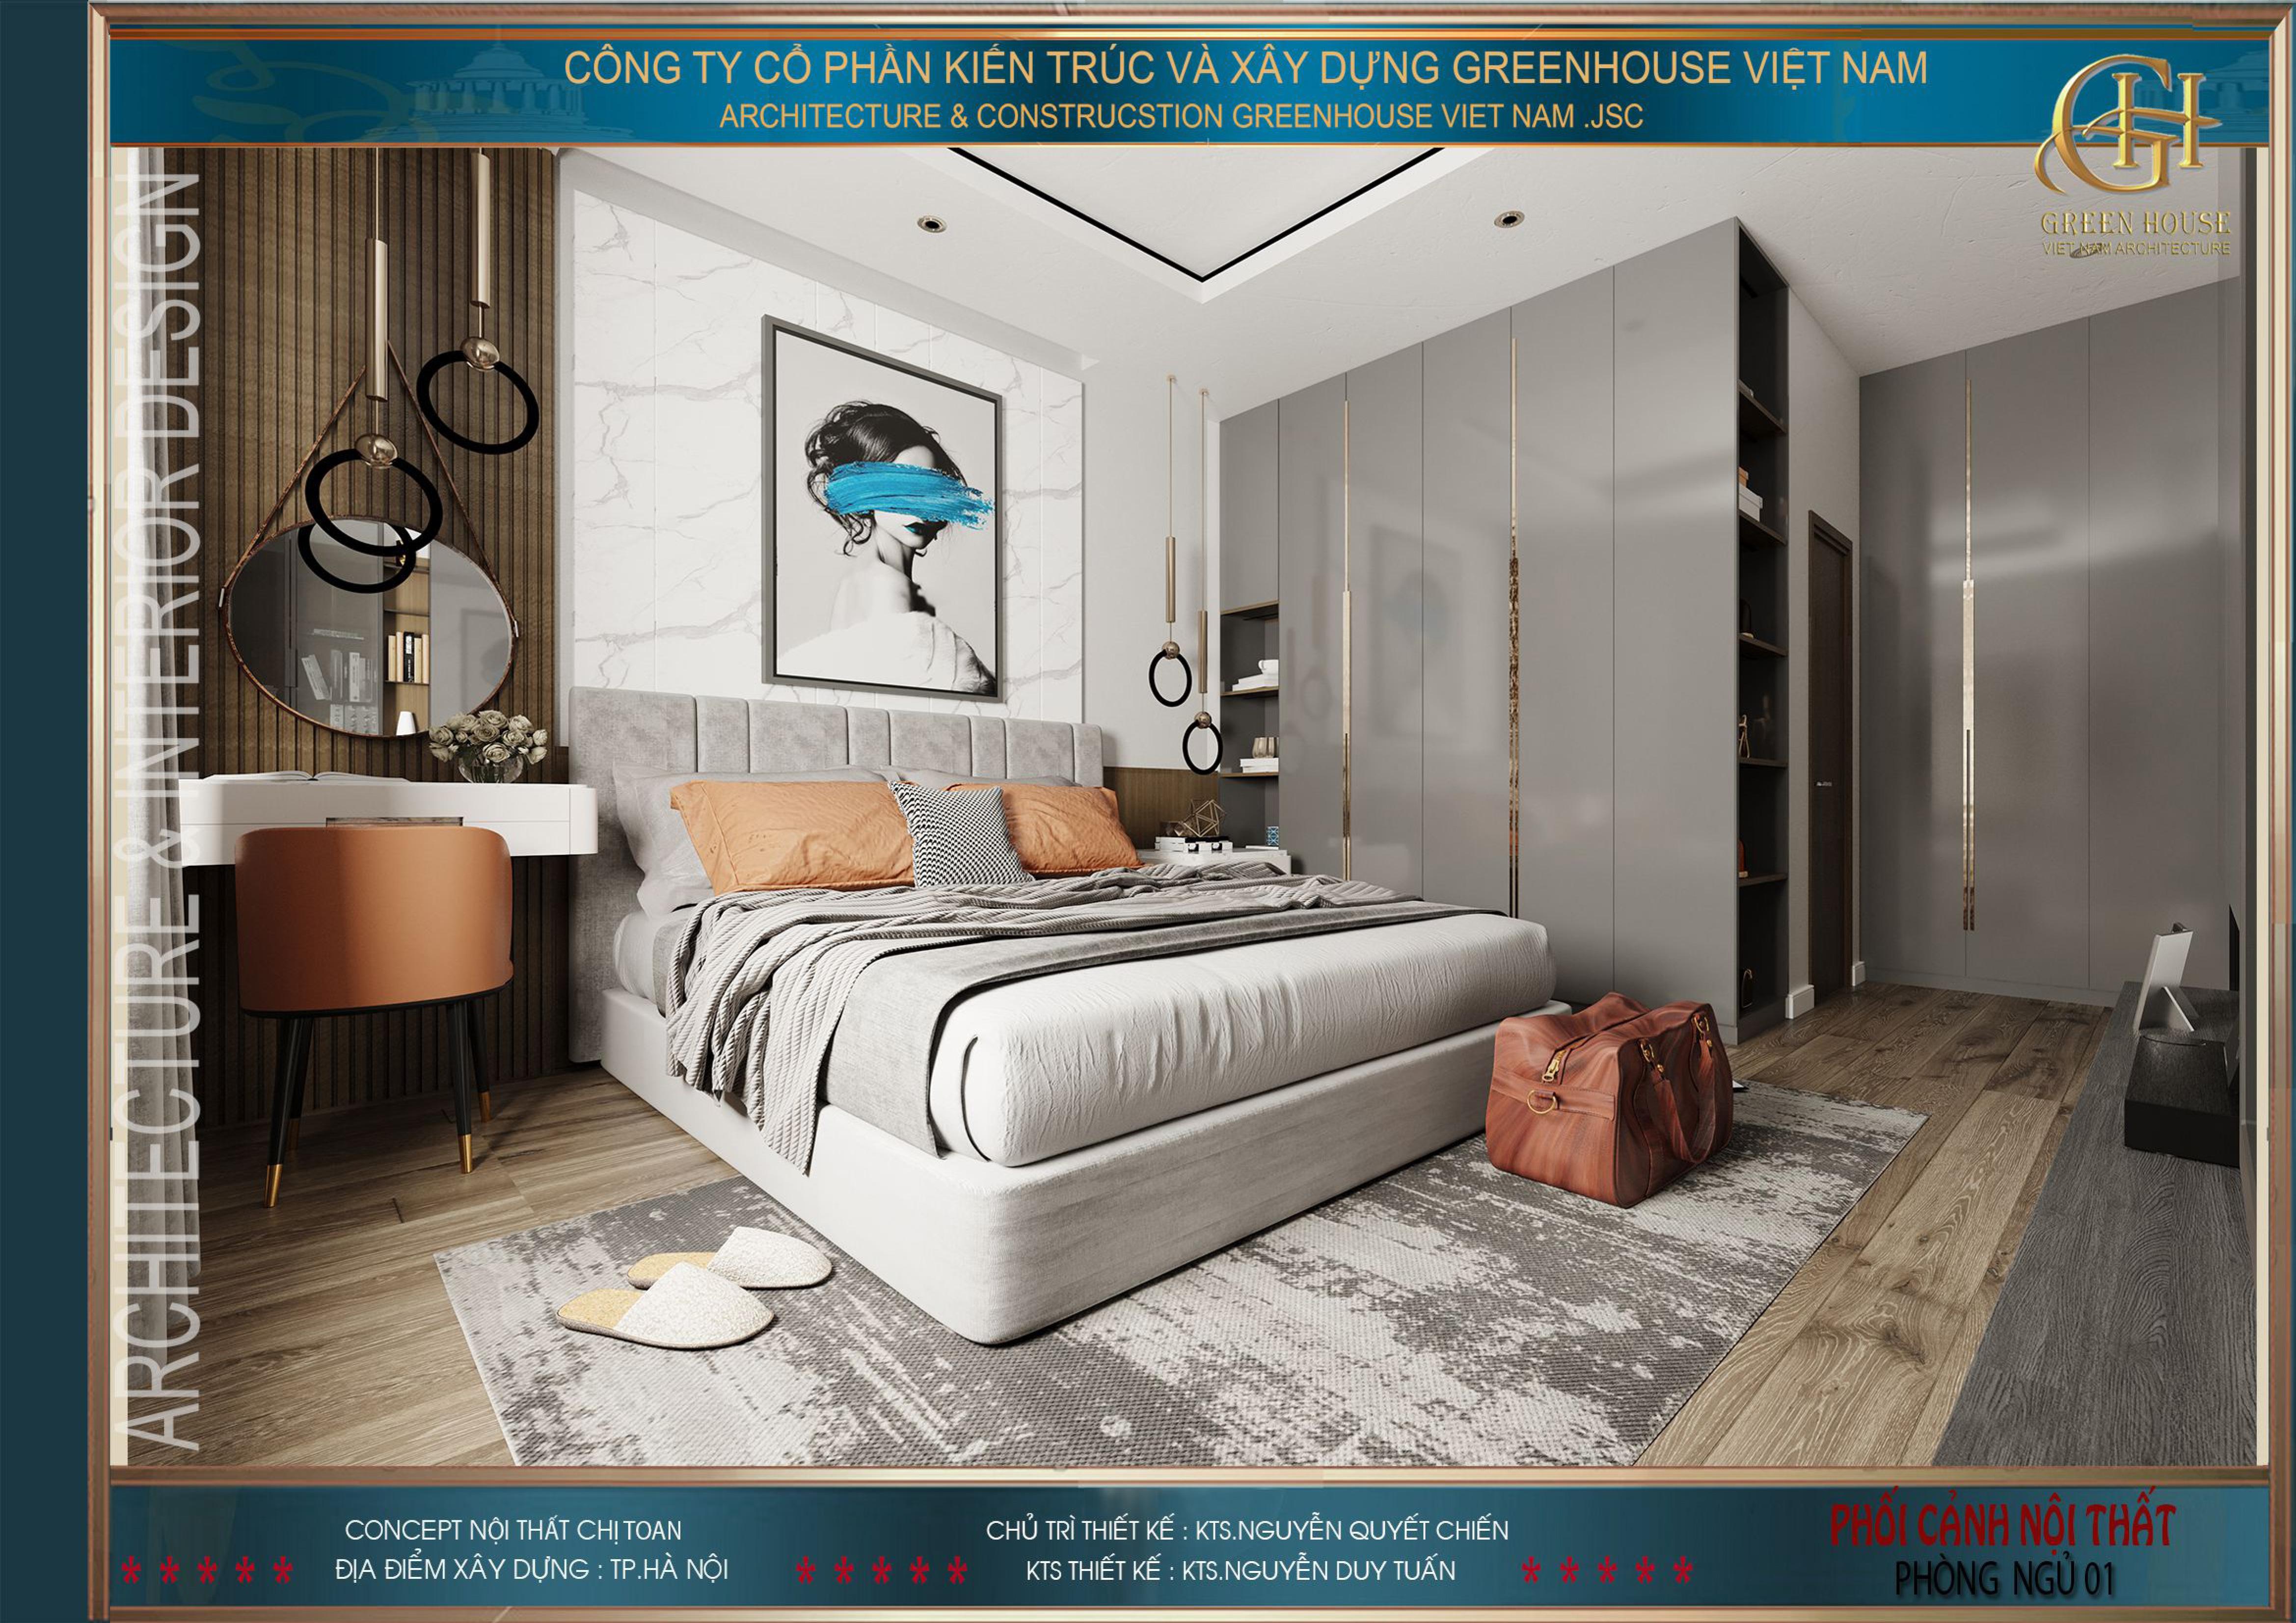 Thiết kế nội thất phòng ngủ master cho căn hộ chung cư tại Hà Nội